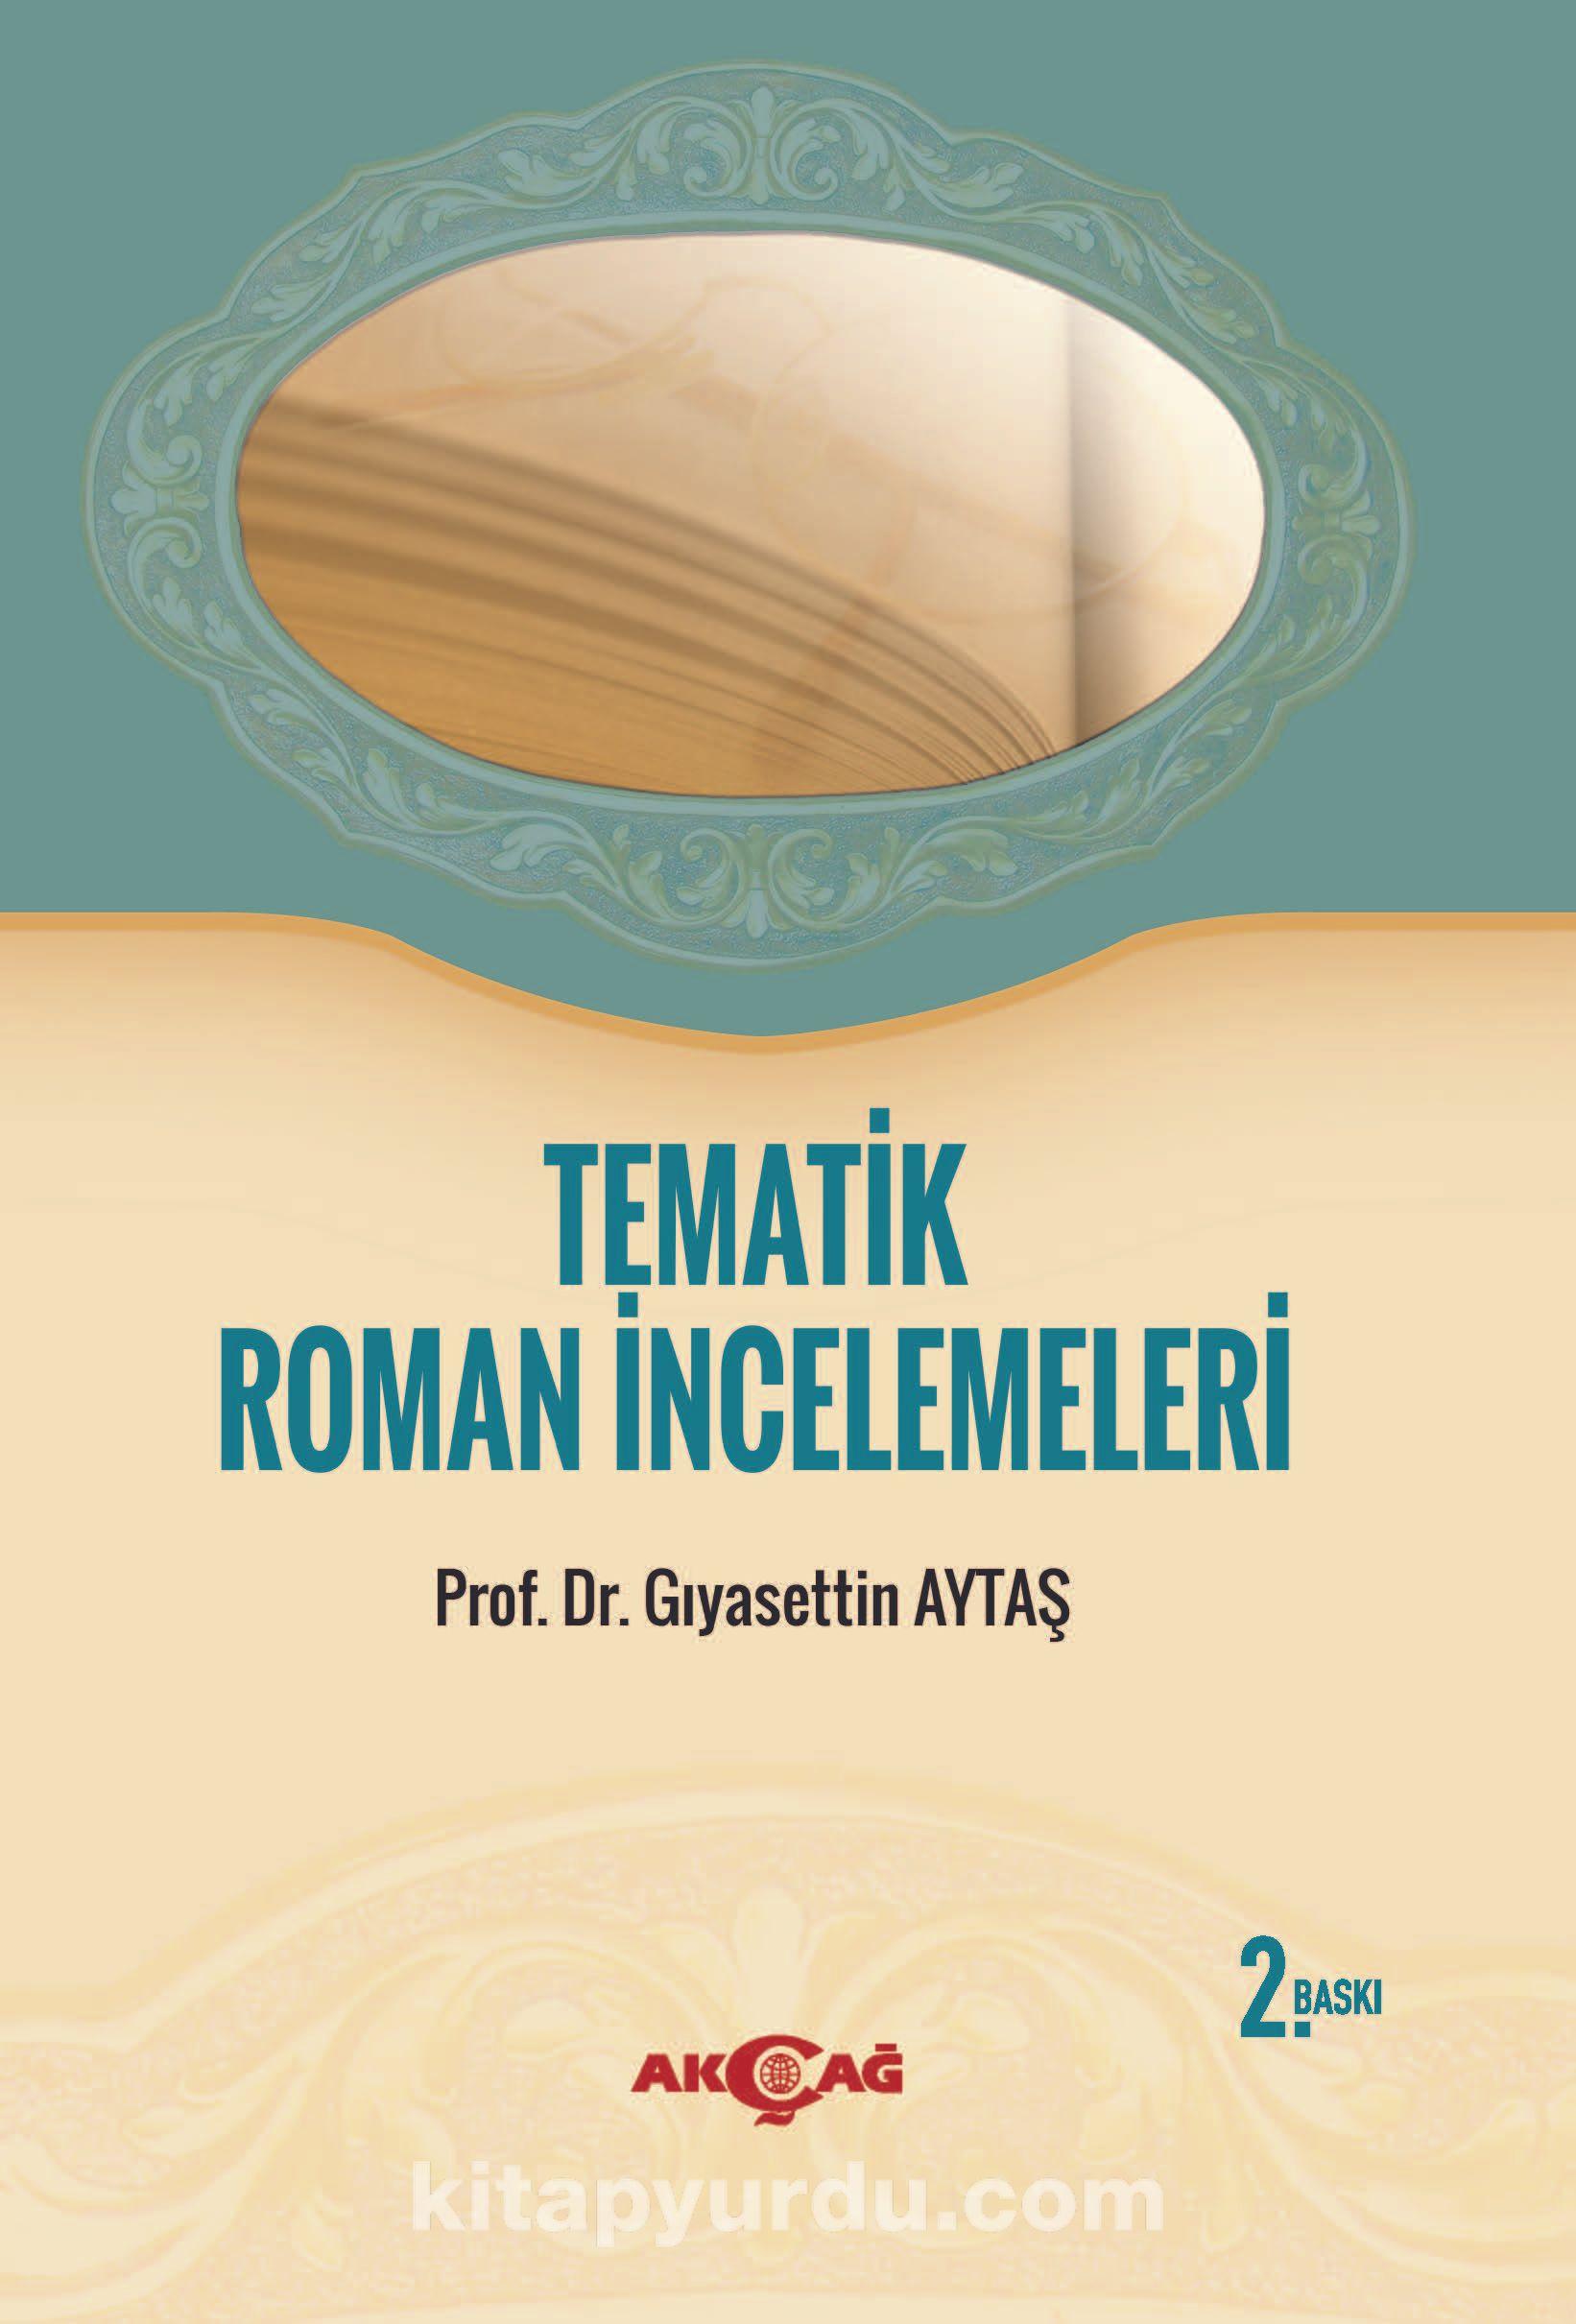 Tematik Roman İncelemeleriHayata Ayna Tutan Romanlar